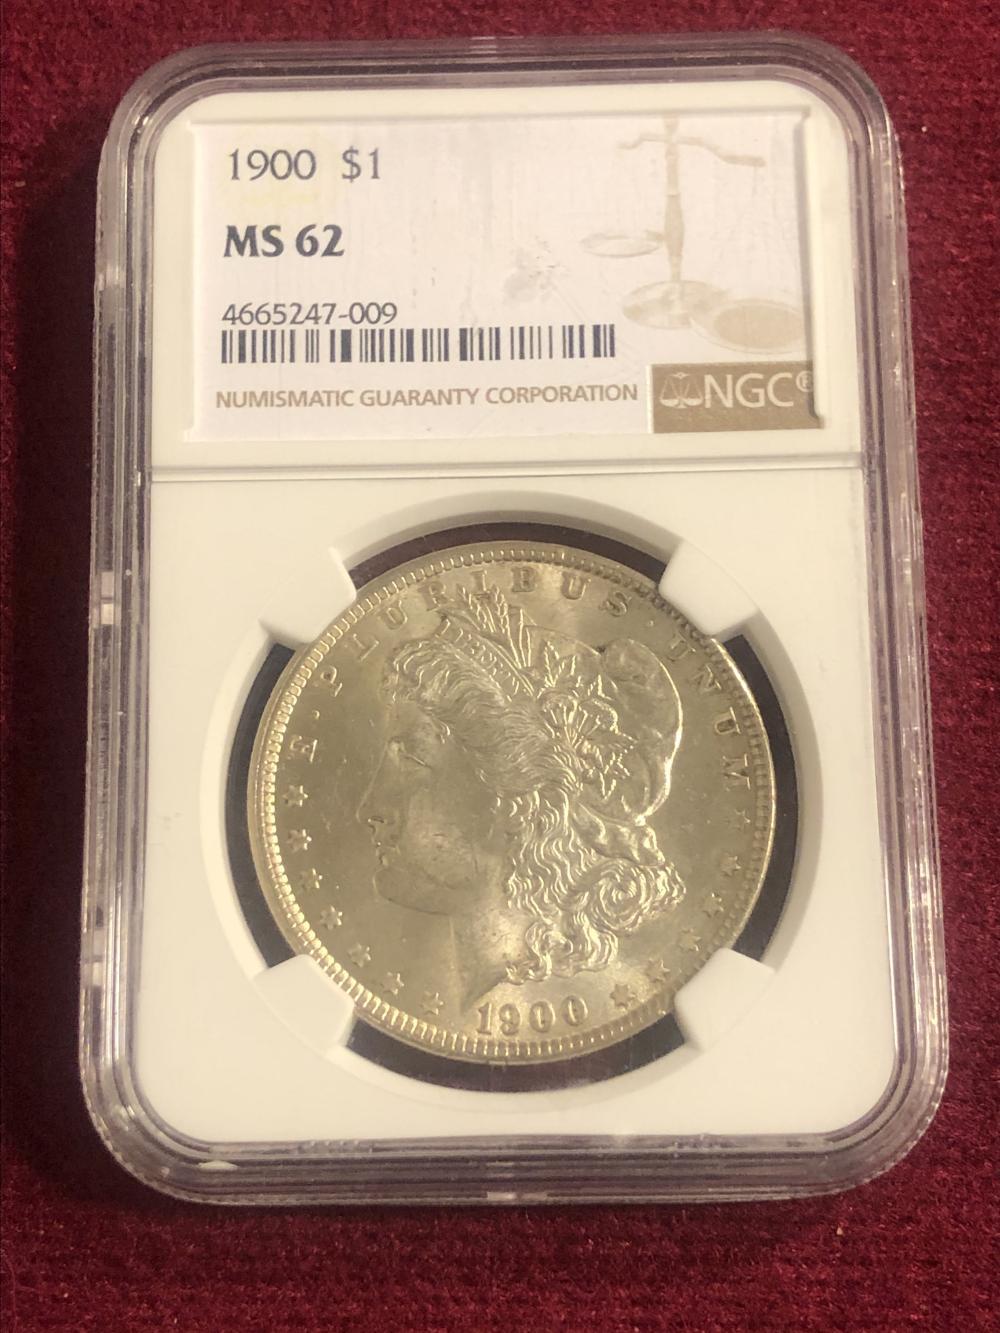 Graded 1900 Morgan silver dollar